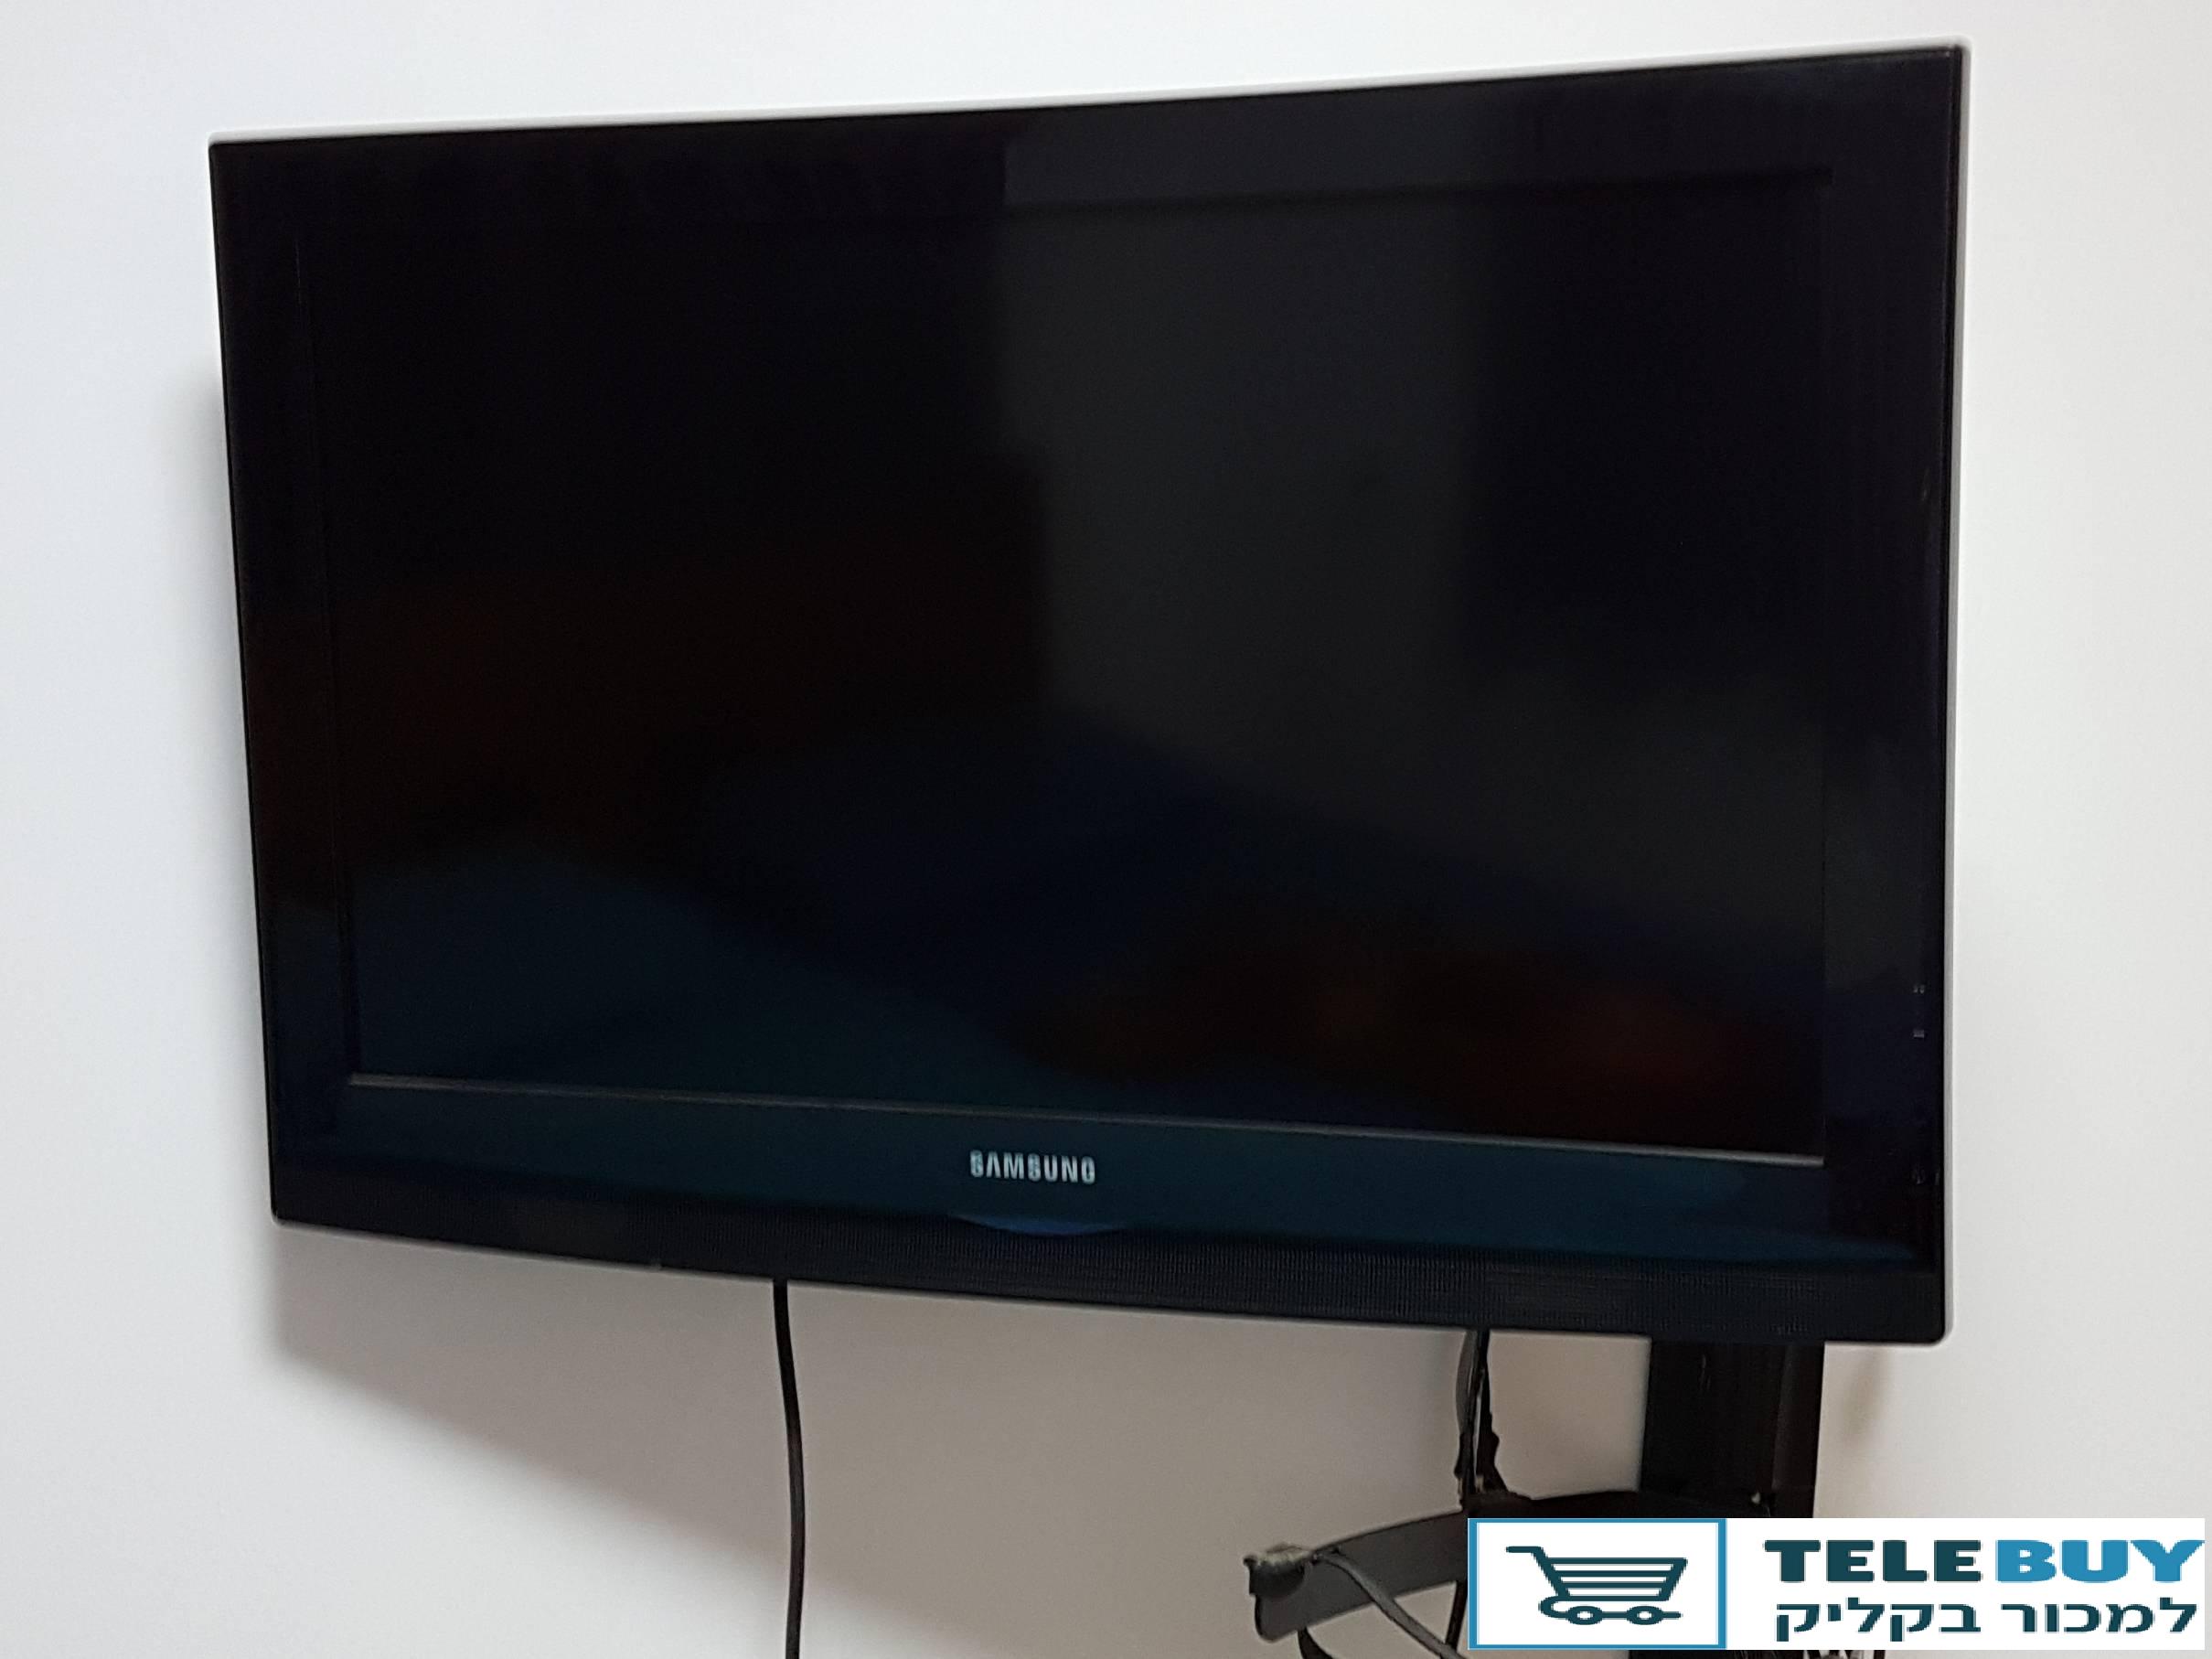 מוצרי חשמל טלויזיה באשדוד ואשקלון